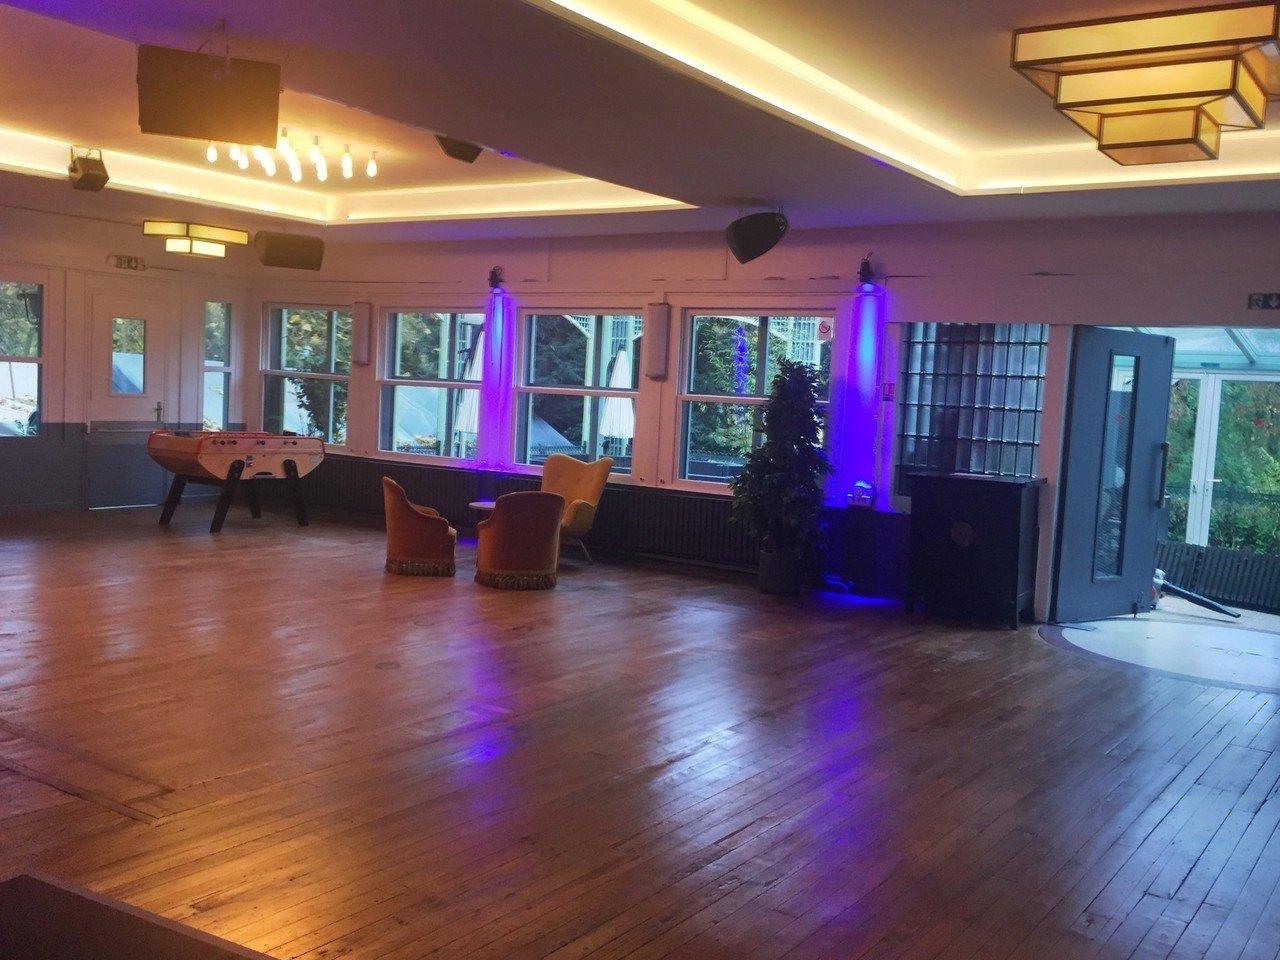 Paris corporate event venues Besonders Le Pavillon Wagram image 3